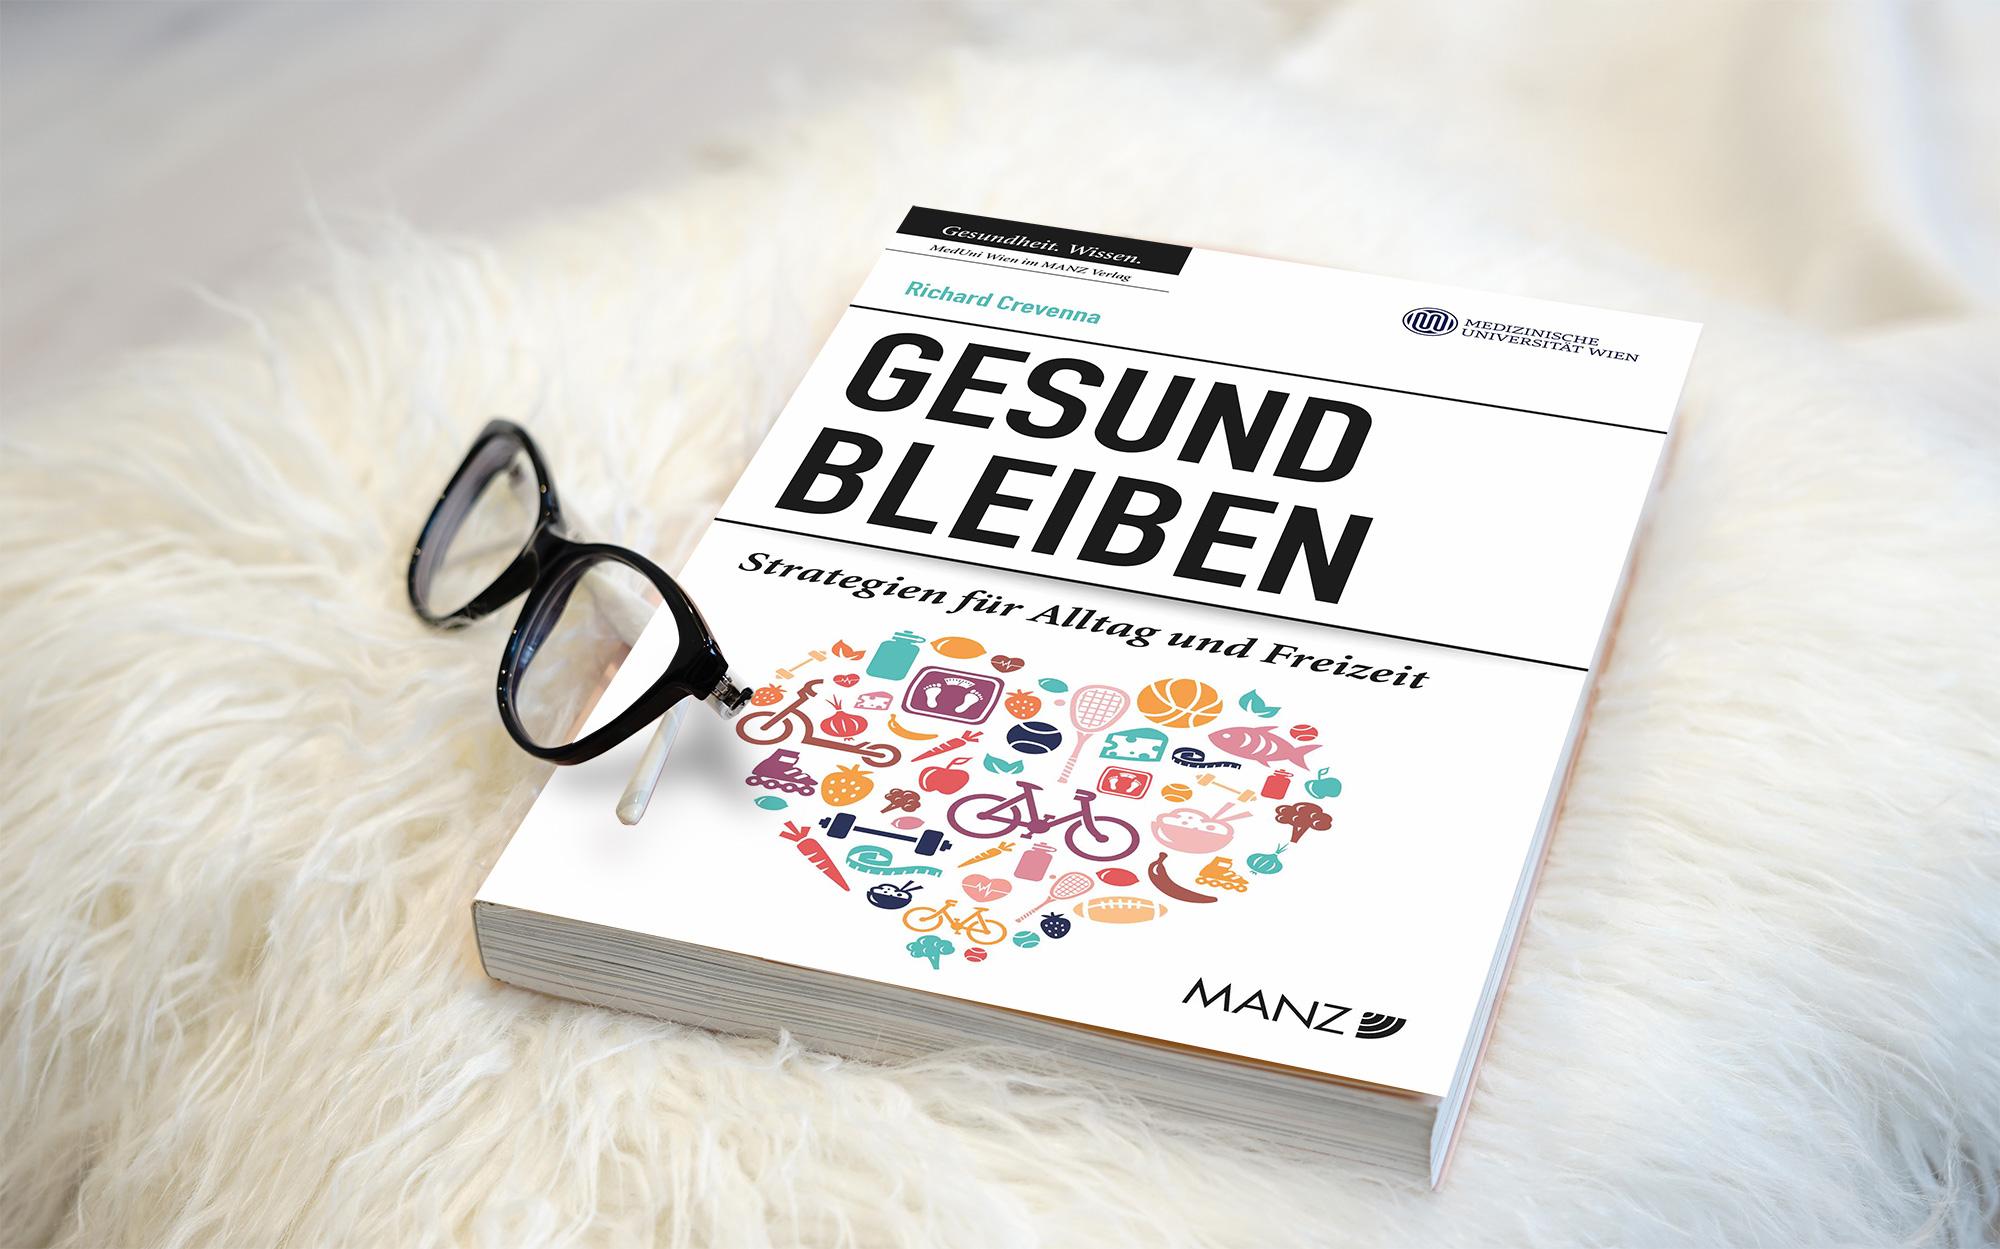 MANZ_Crevenna_Gesund_bleiben_Web